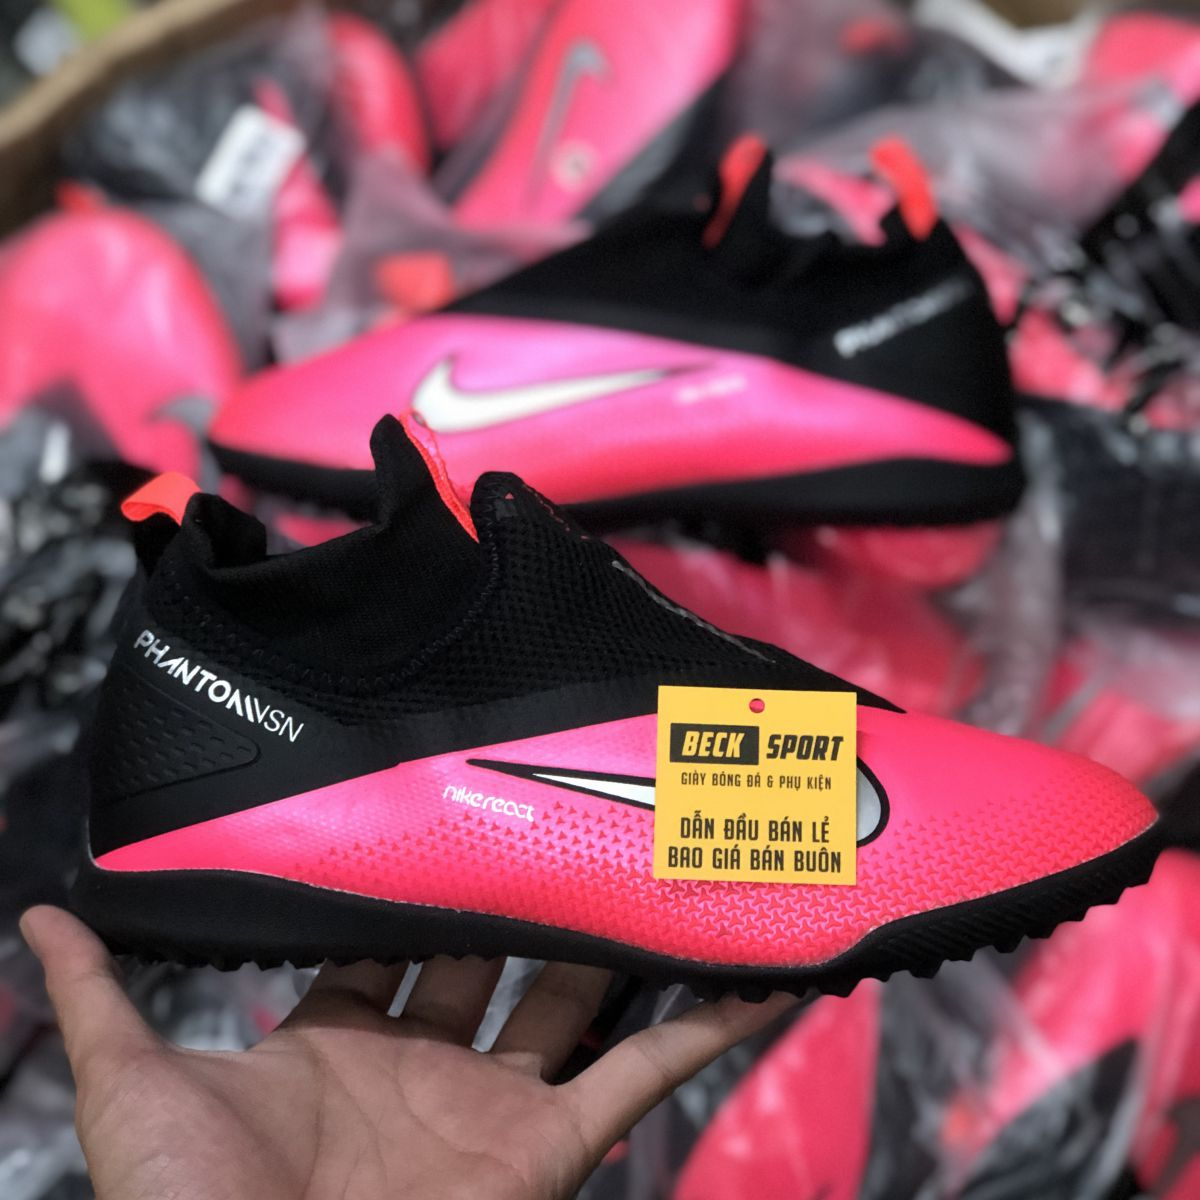 Giày Bóng Đá Nike Phantom VSN II Đỏ Hồng Gót Đen Cổ Cao Giấu Dây TF